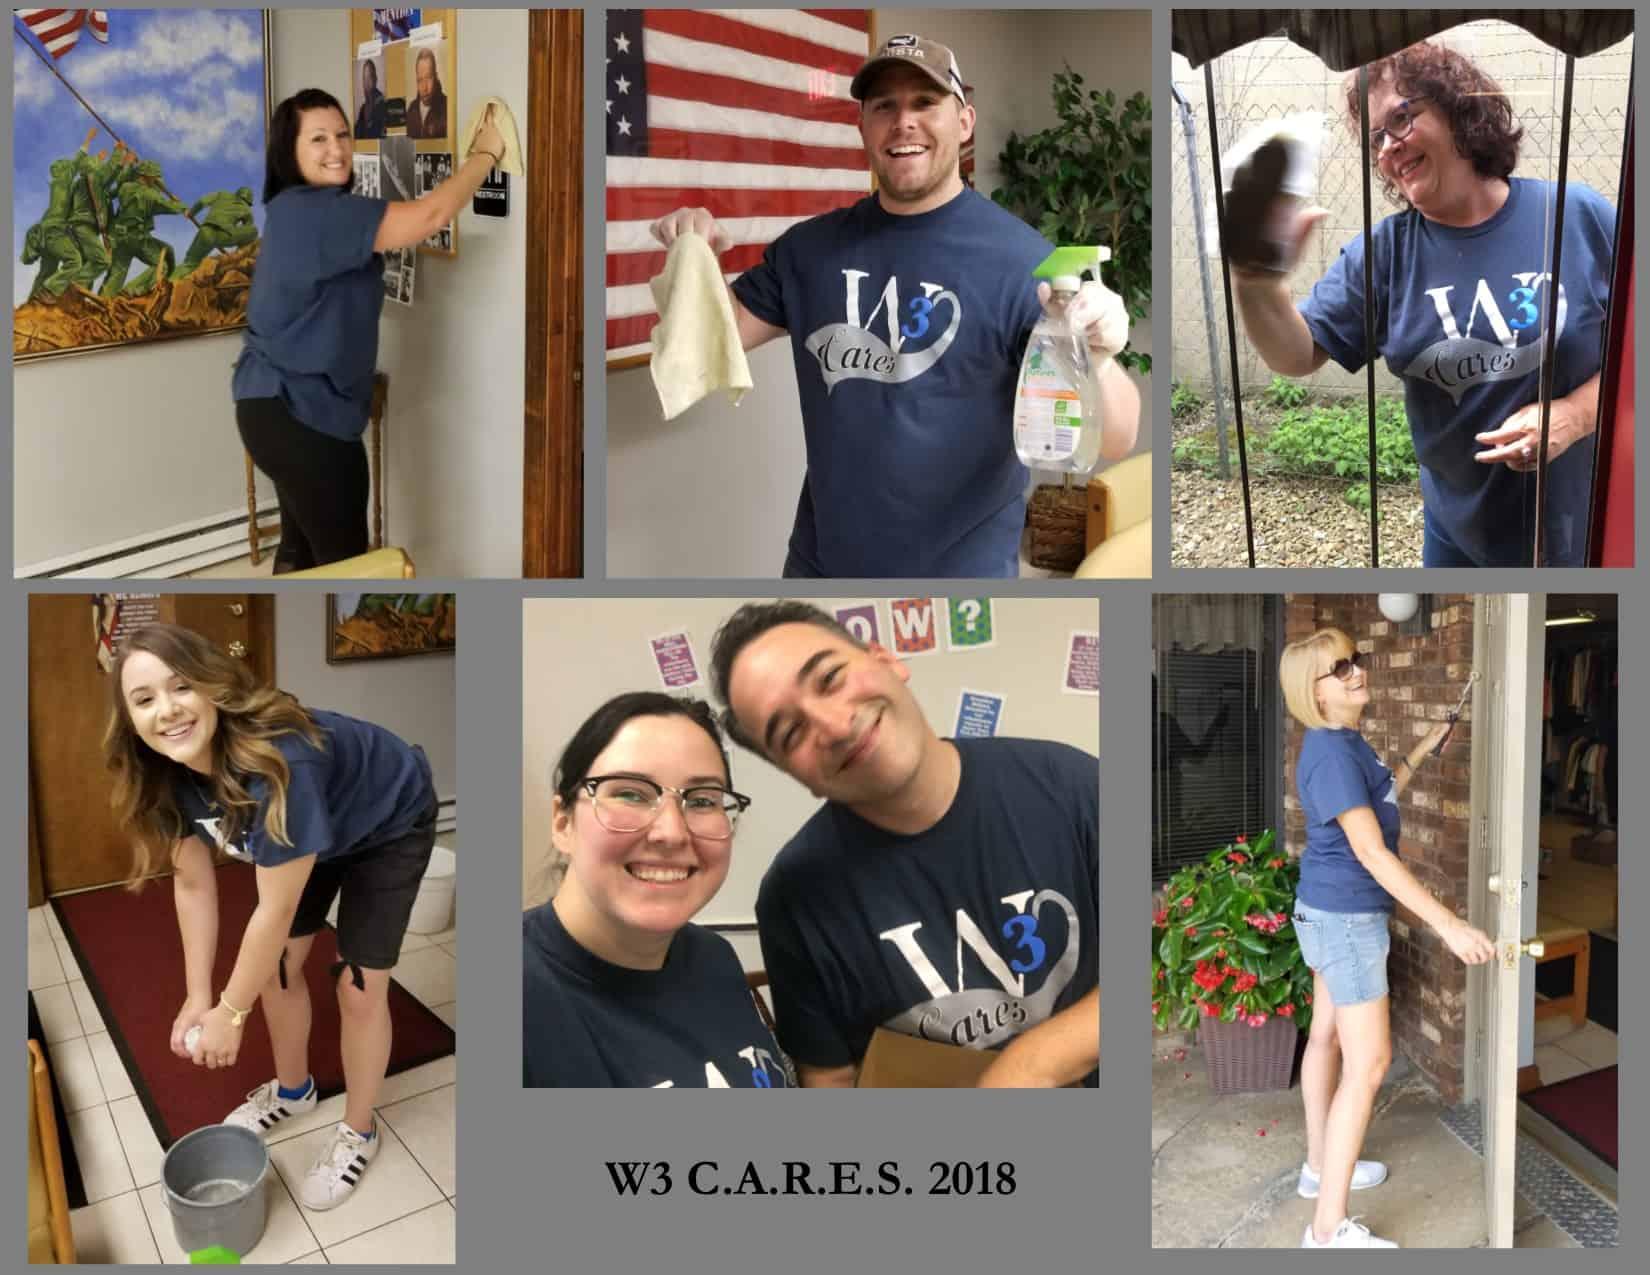 w3 cares 18